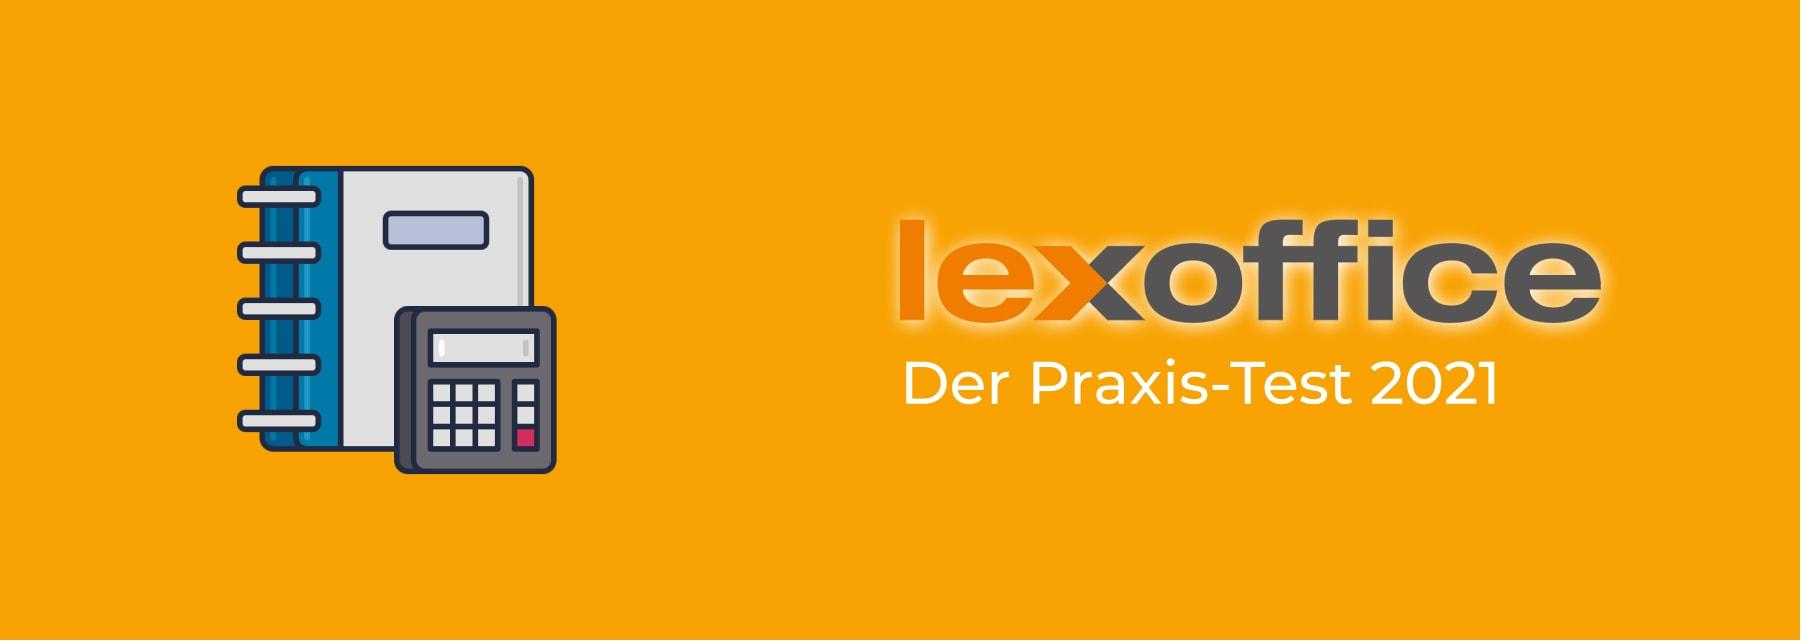 Lexoffice Test-Bericht 2021 für Gründer, Selbstständige, Freiberufler und Startups